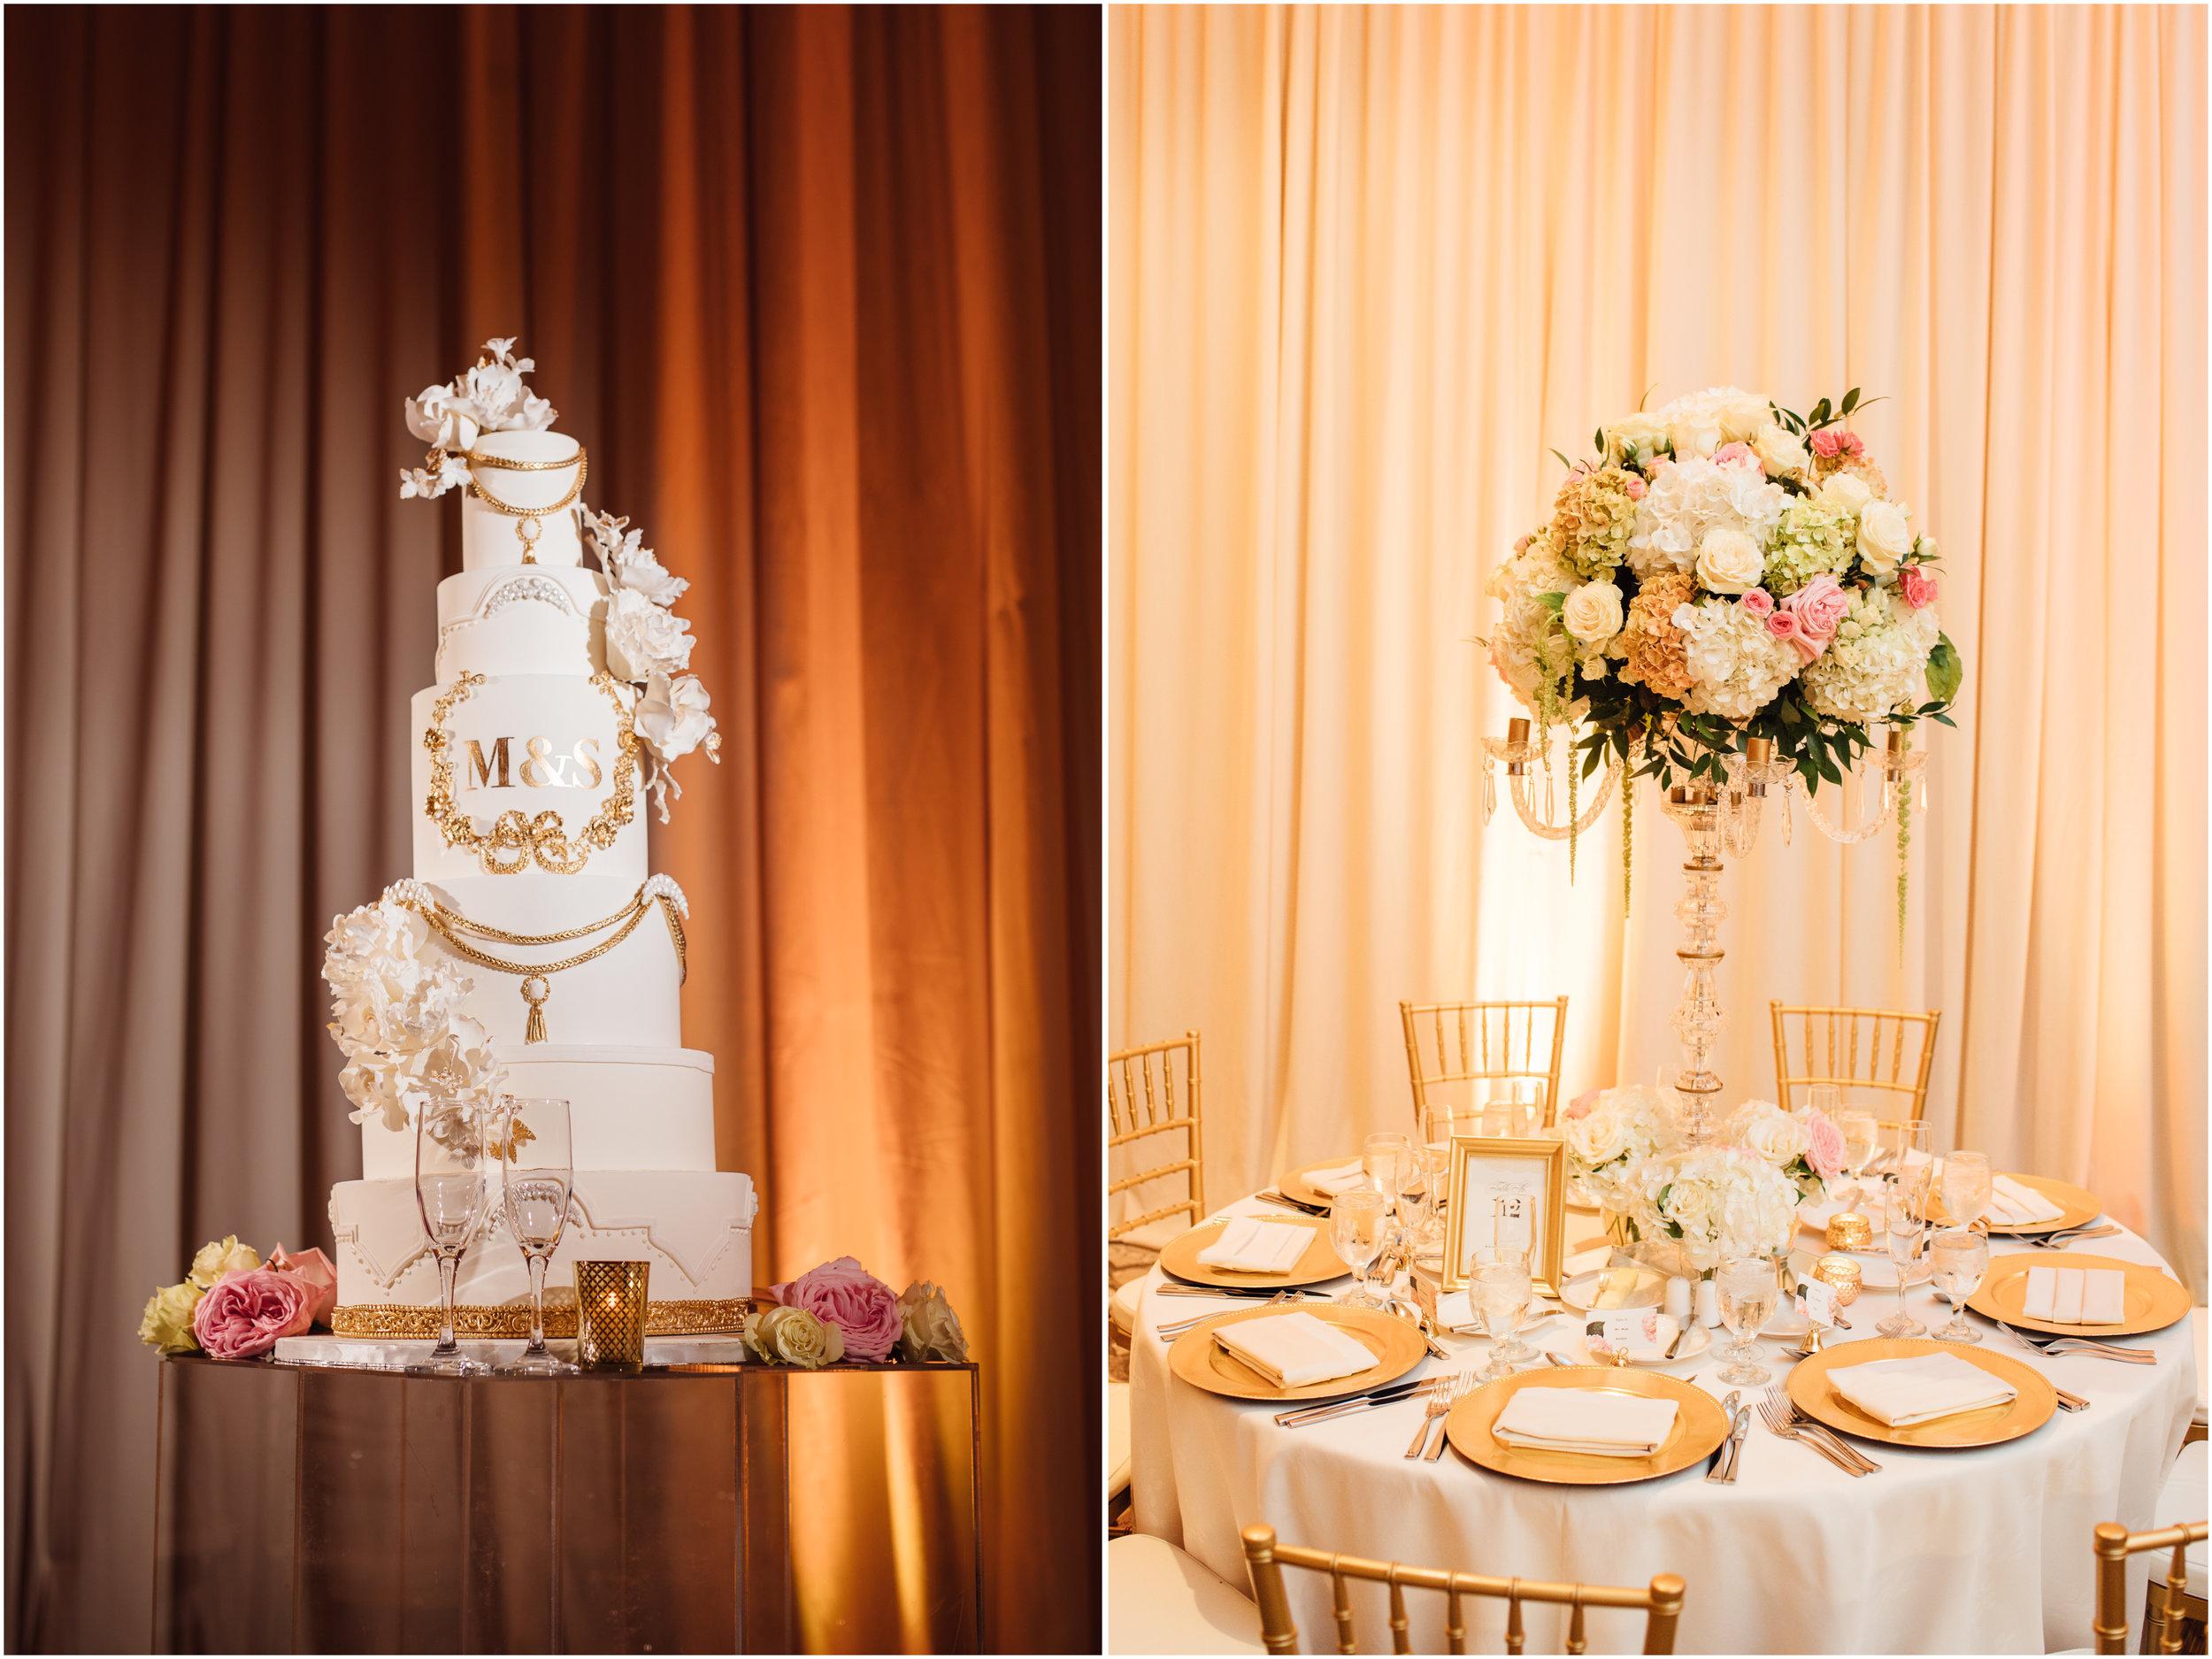 Luxury_wedding_details.jpg